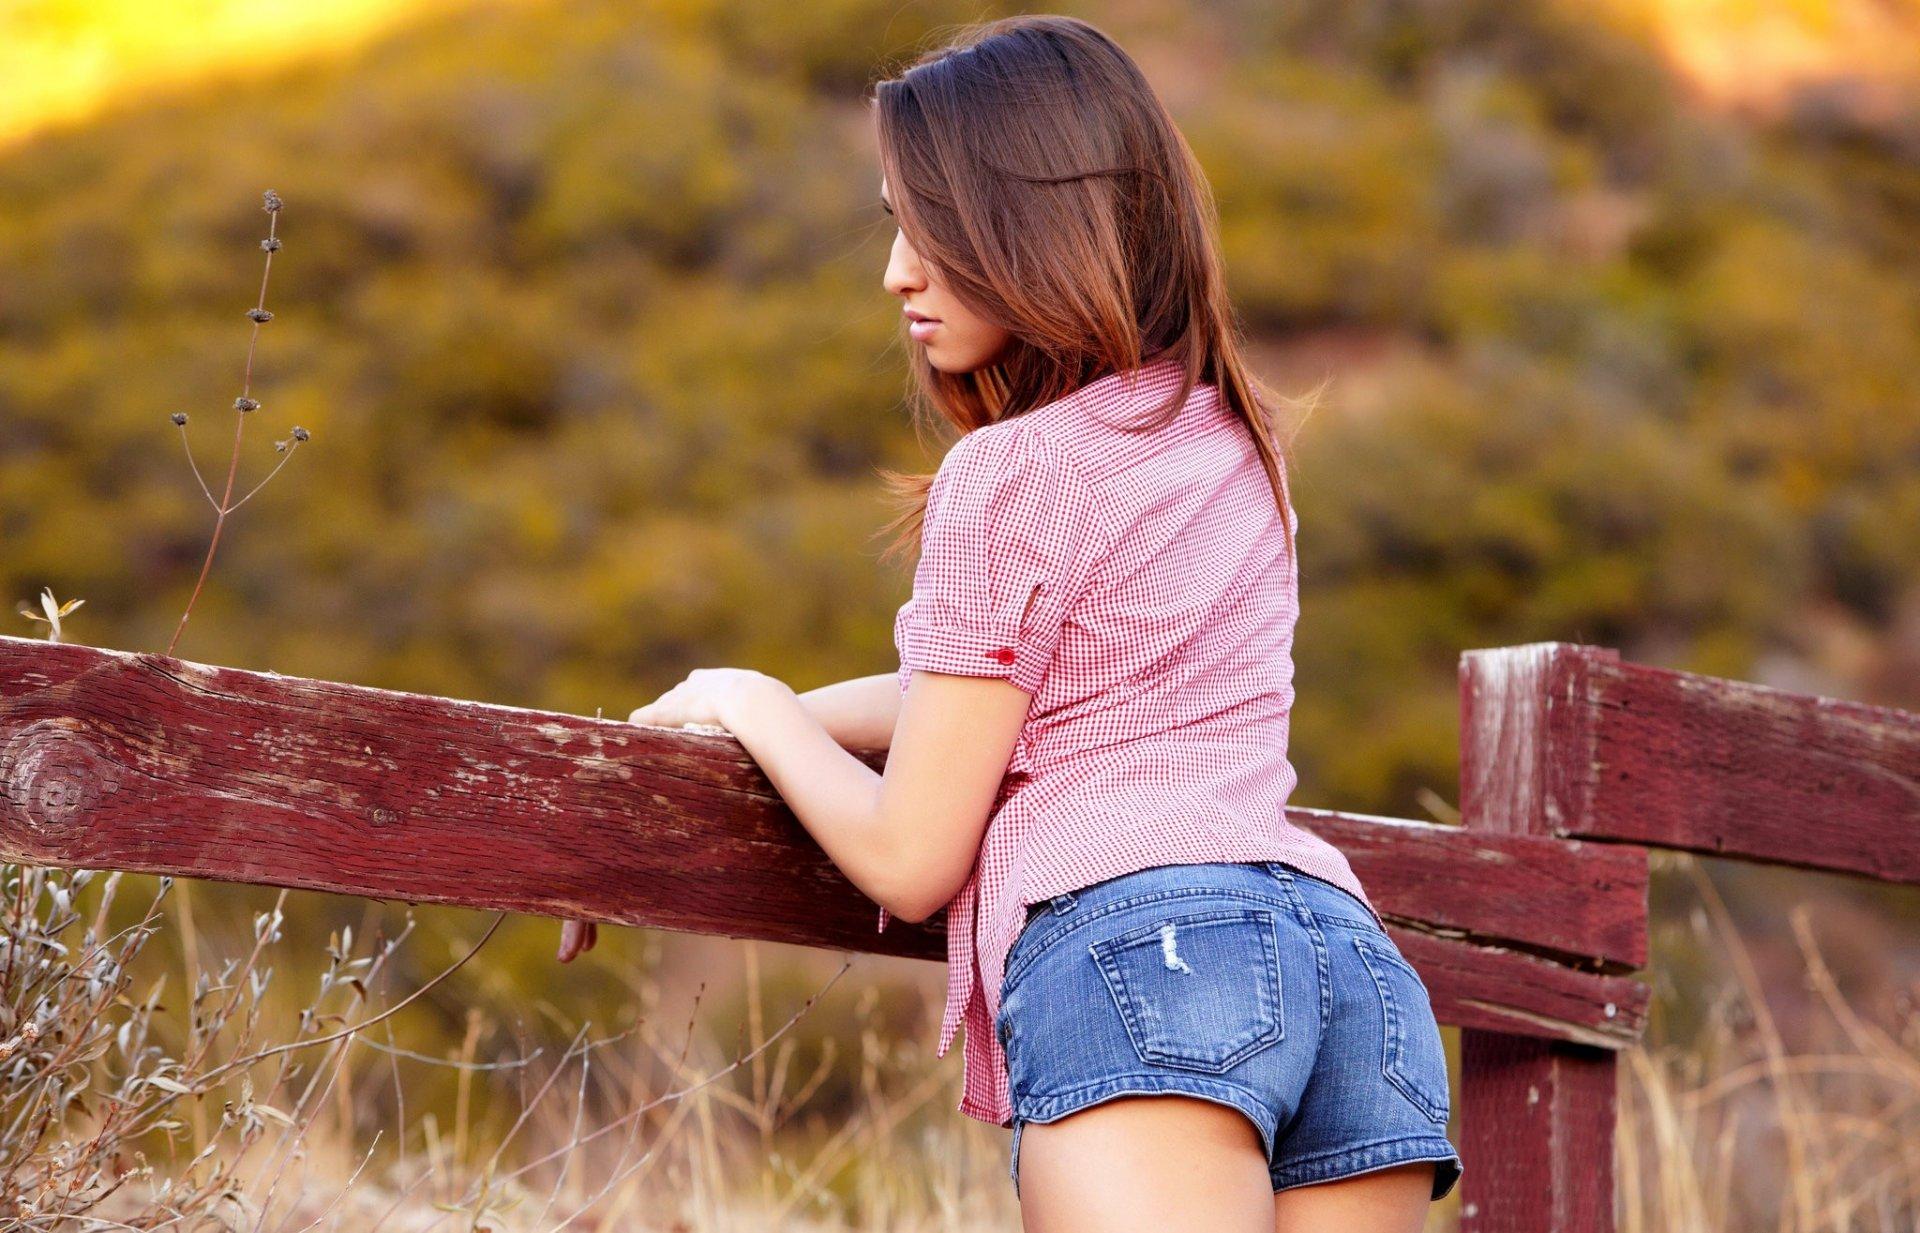 Смотреть девочек в попку, Трахает в жопу молоденькую девочку -видео 19 фотография